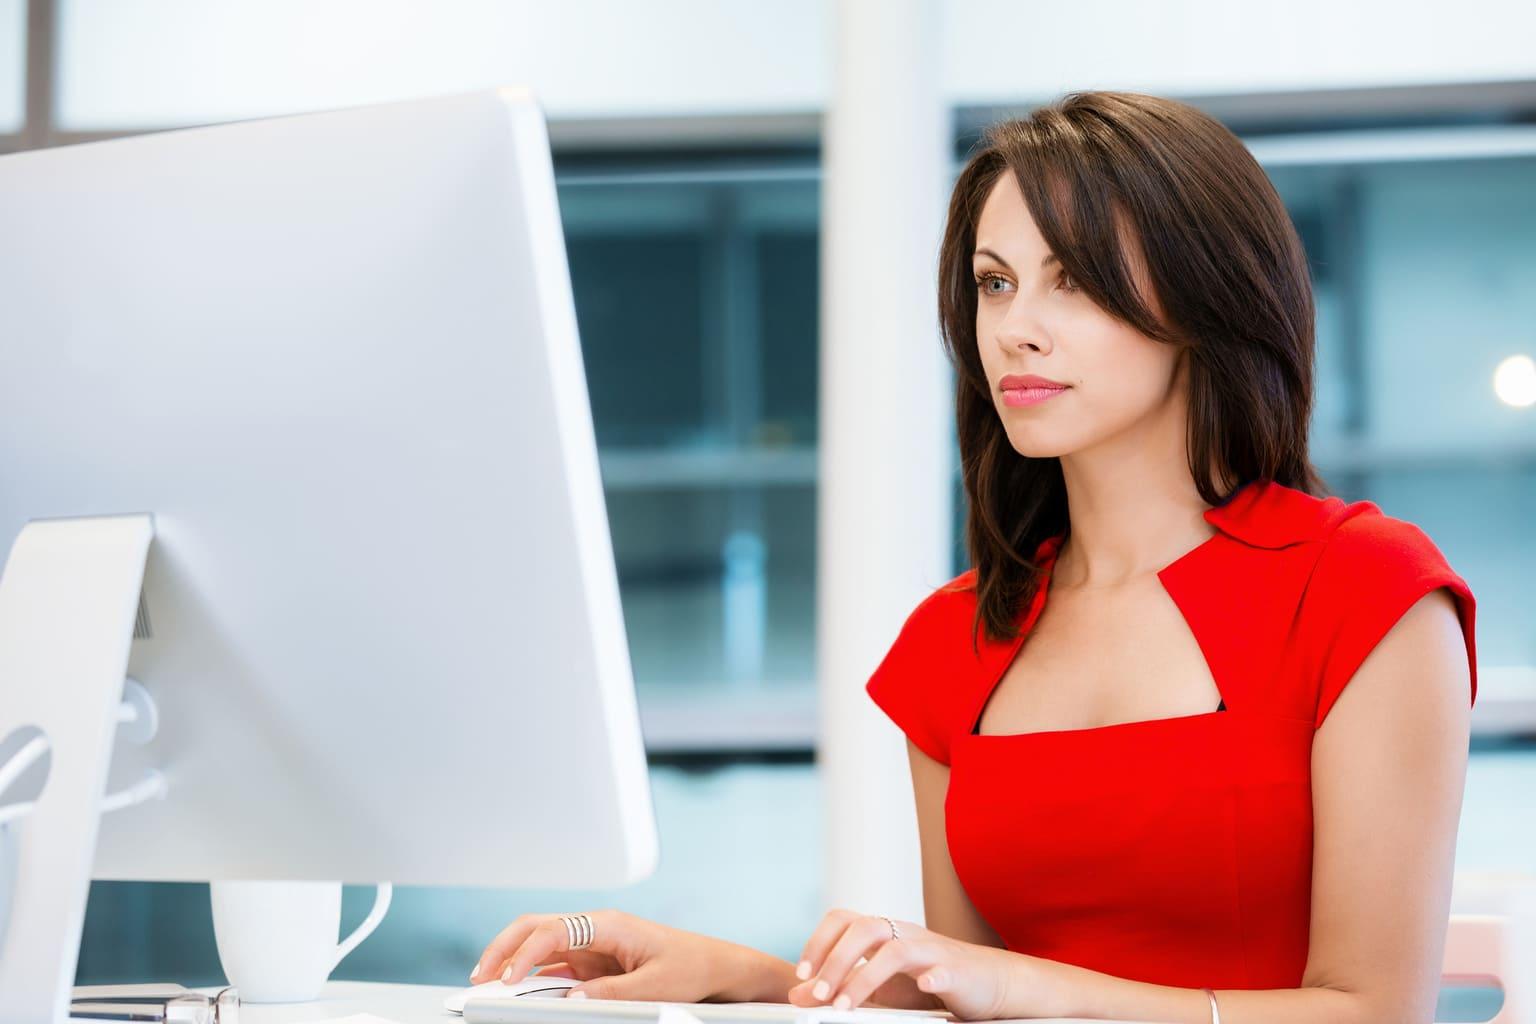 vrouw kijkt naar suppletie aangifte op laptop